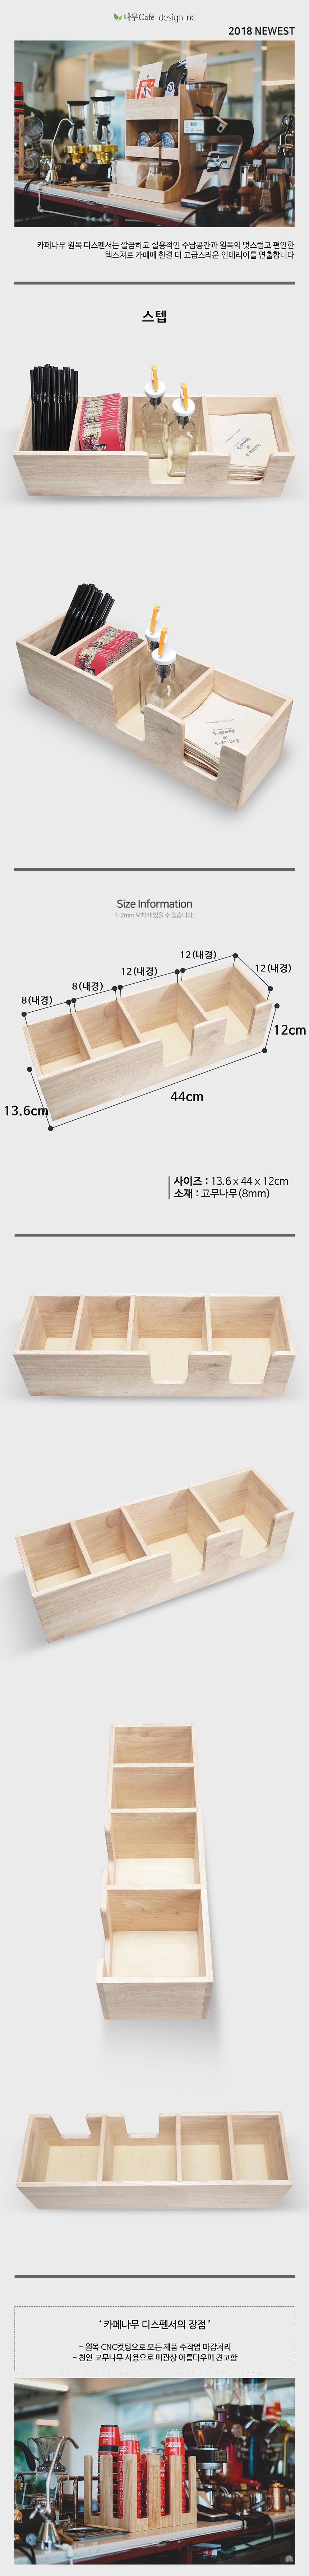 원목 다용도디스펜서 - 디자인엔씨, 35,150원, 주방수납용품, 수납함